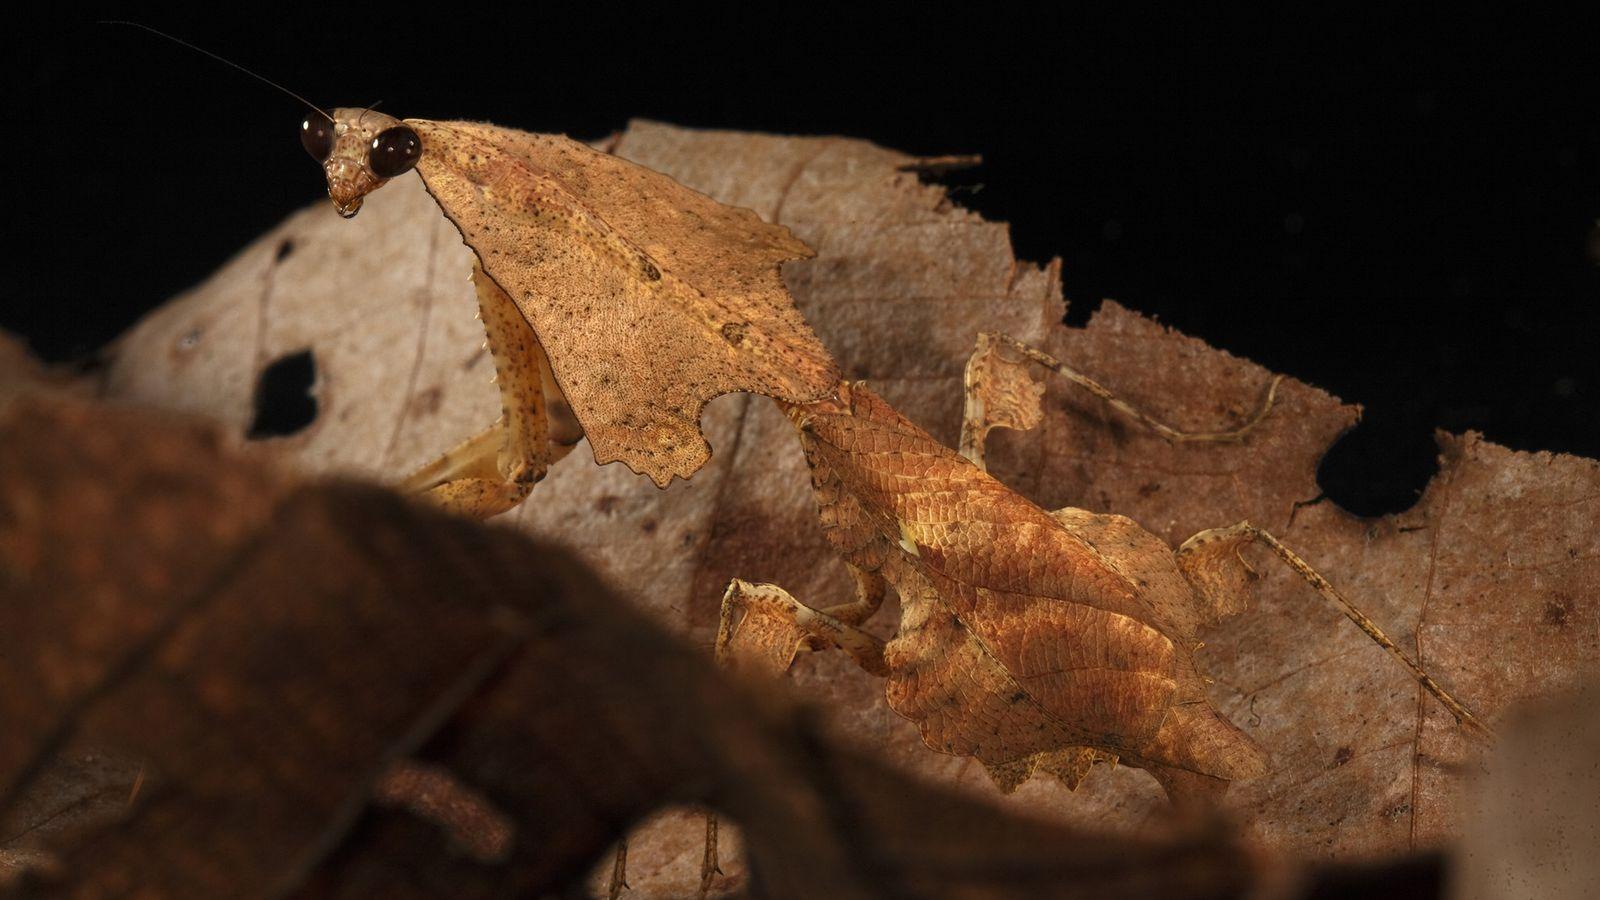 Portrait d'une mante feuille-morte en plein mimétisme au milieu d'un tas de feuilles mortes